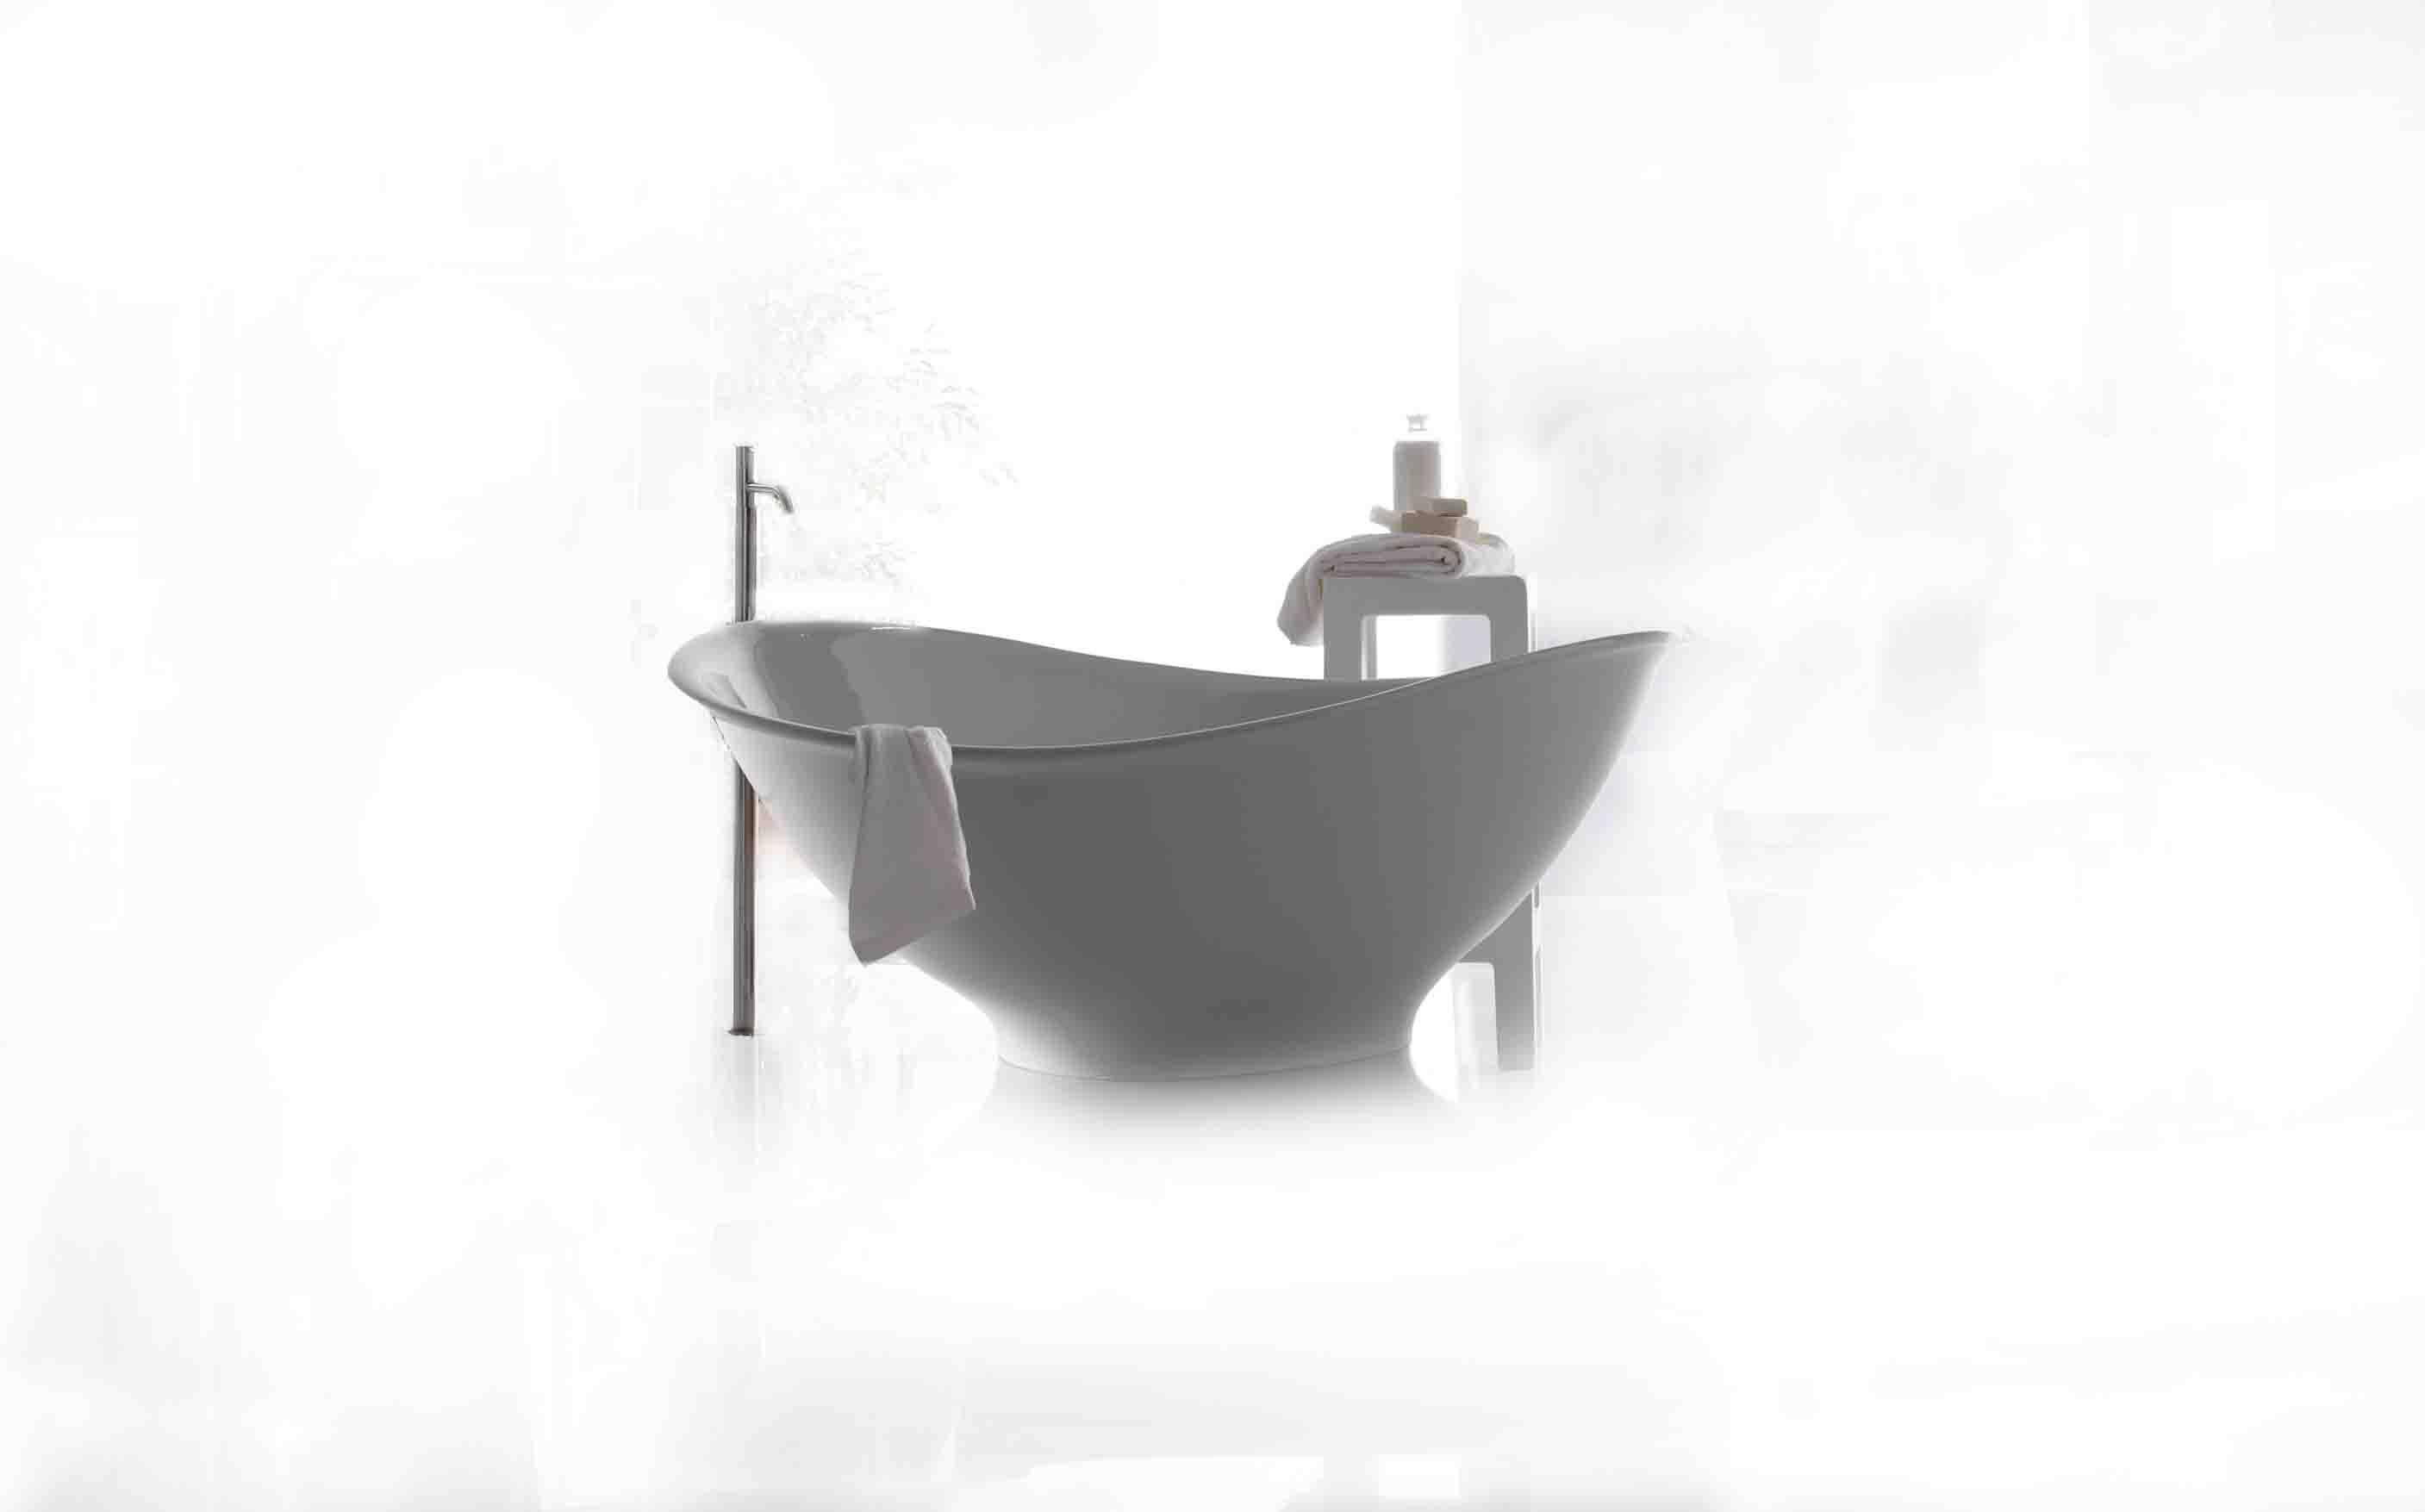 Le vasche di ceramica galassia bagno italiano blog for Galassia ceramica